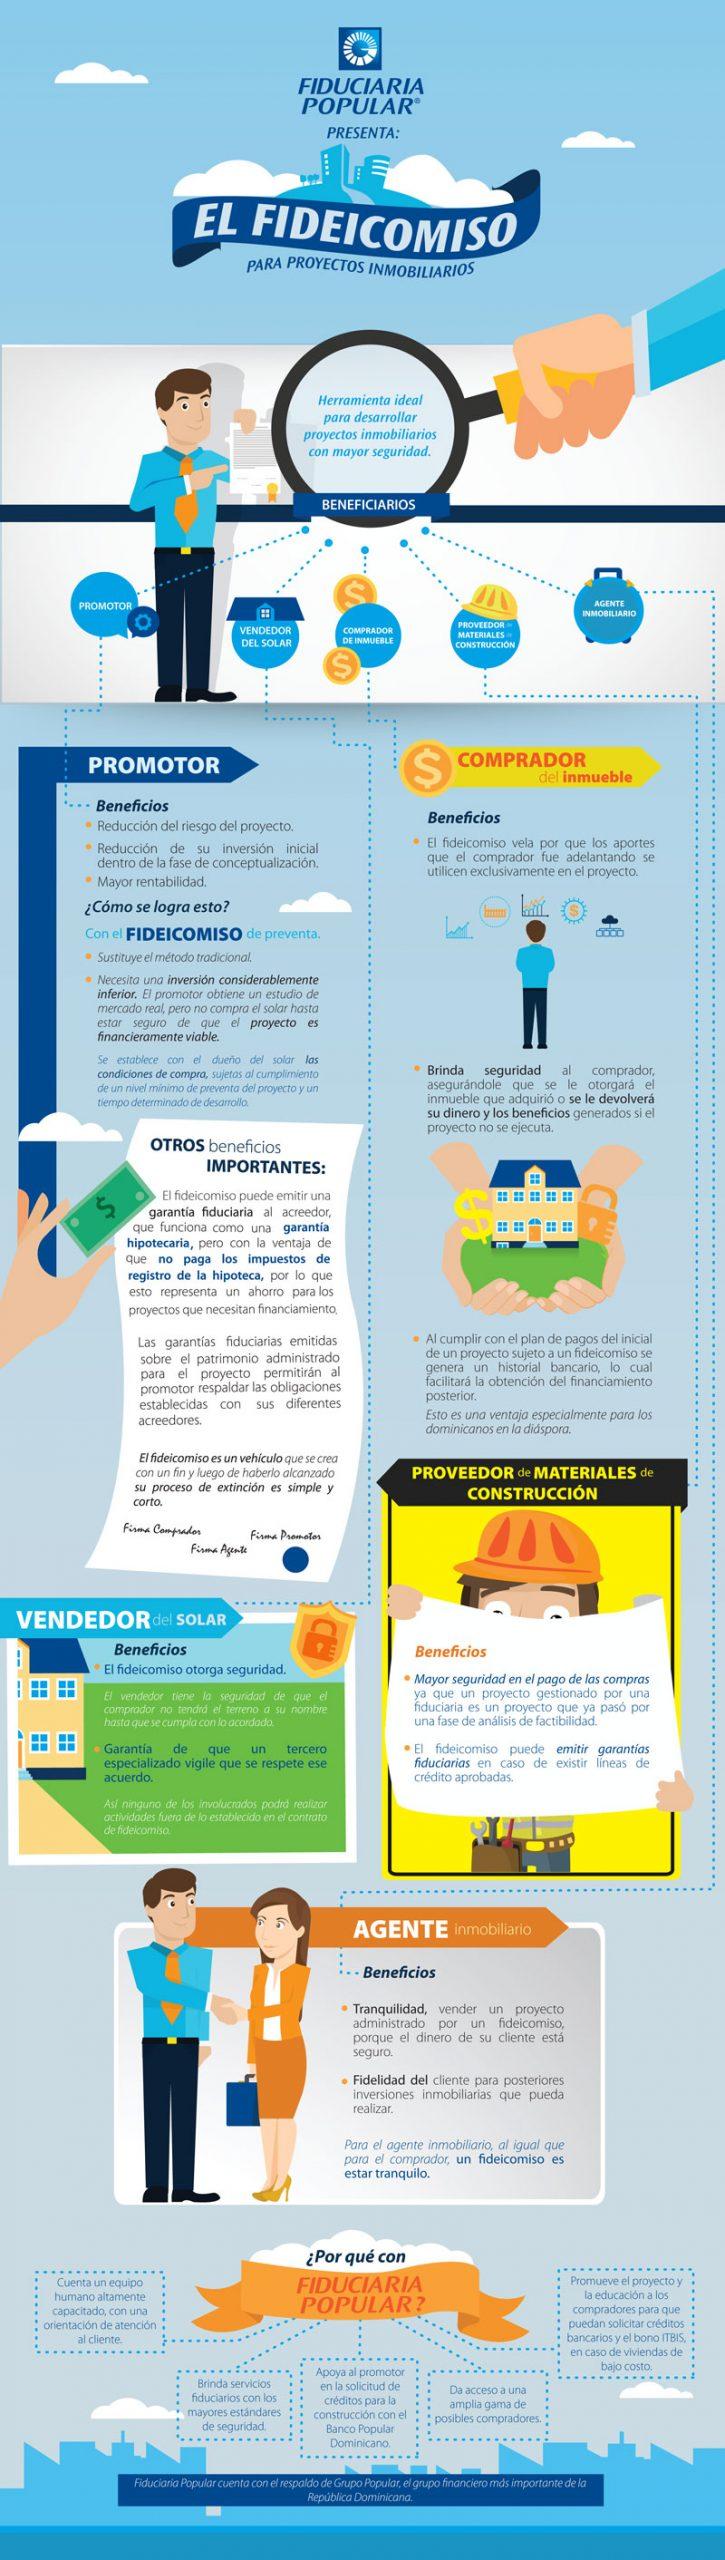 La Ley 189-11 para el Desarrollo del Mercado Hipotecario y el Fideicomiso en República Dominicana